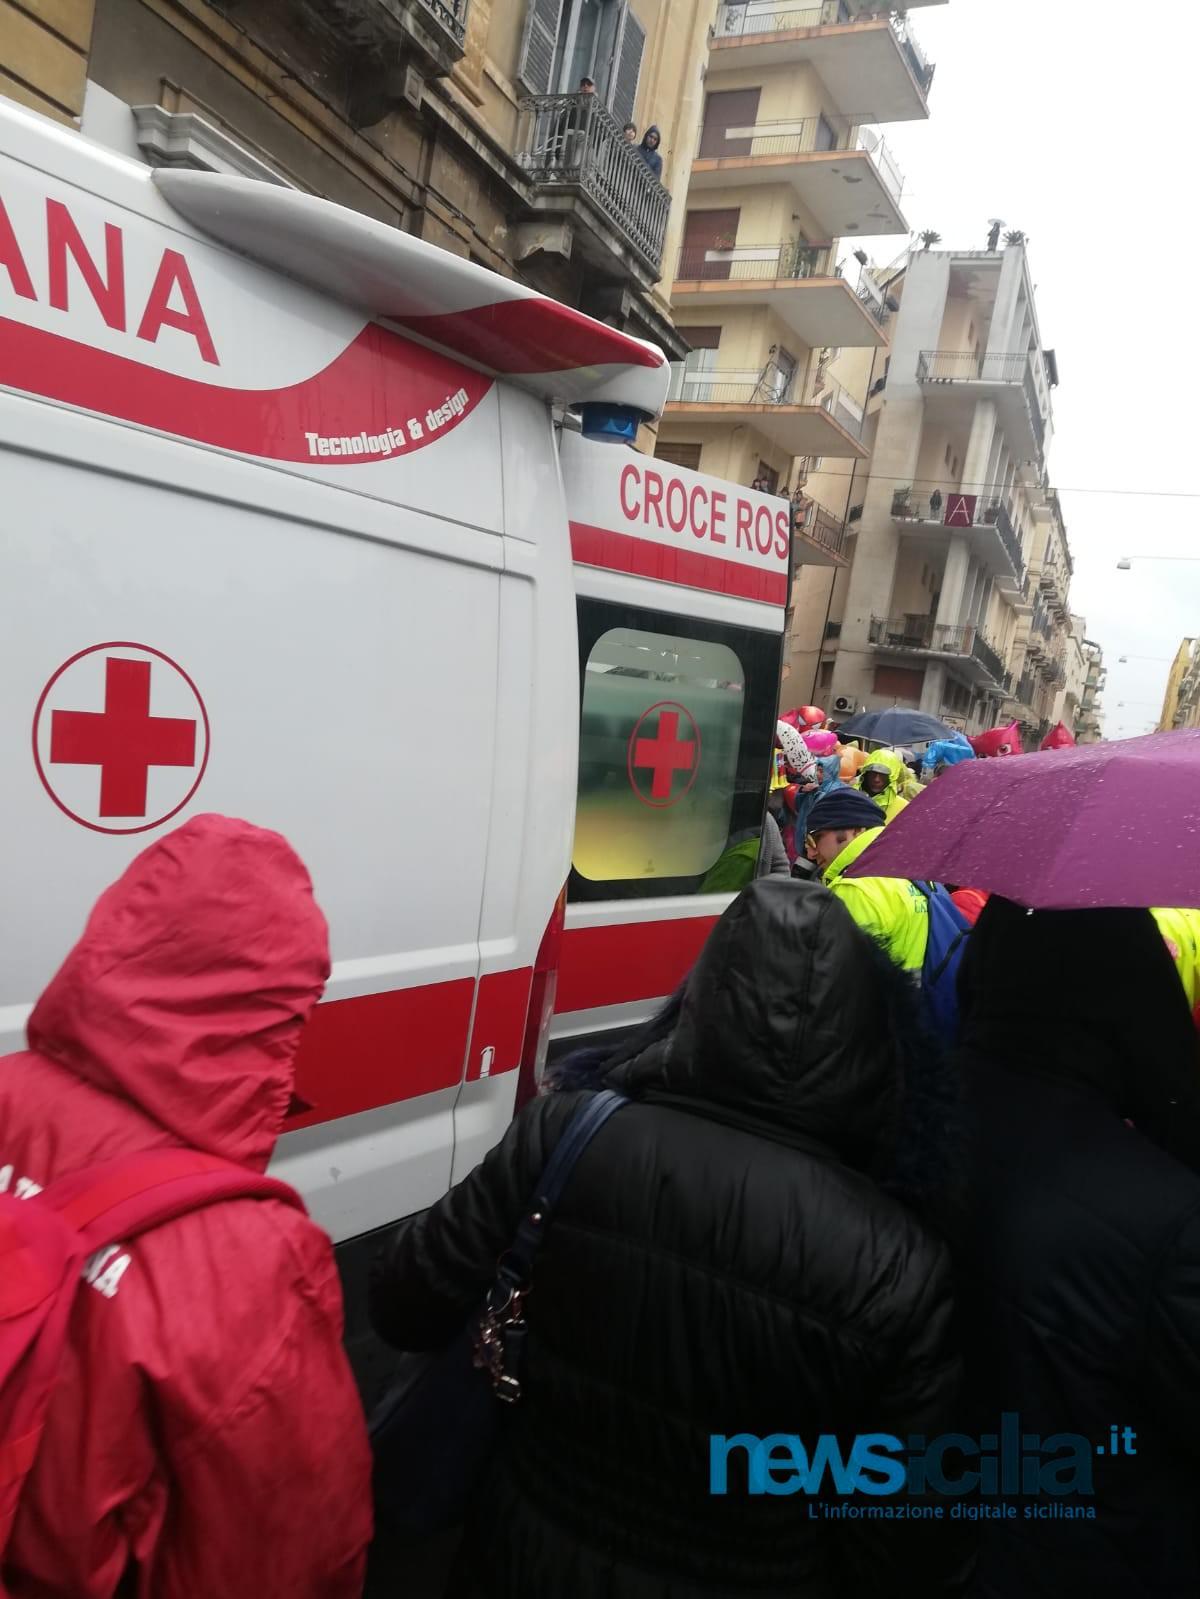 Sant'Agata 2019, giovane devoto sviene in piazza Iolanda: intervenuta ambulanza